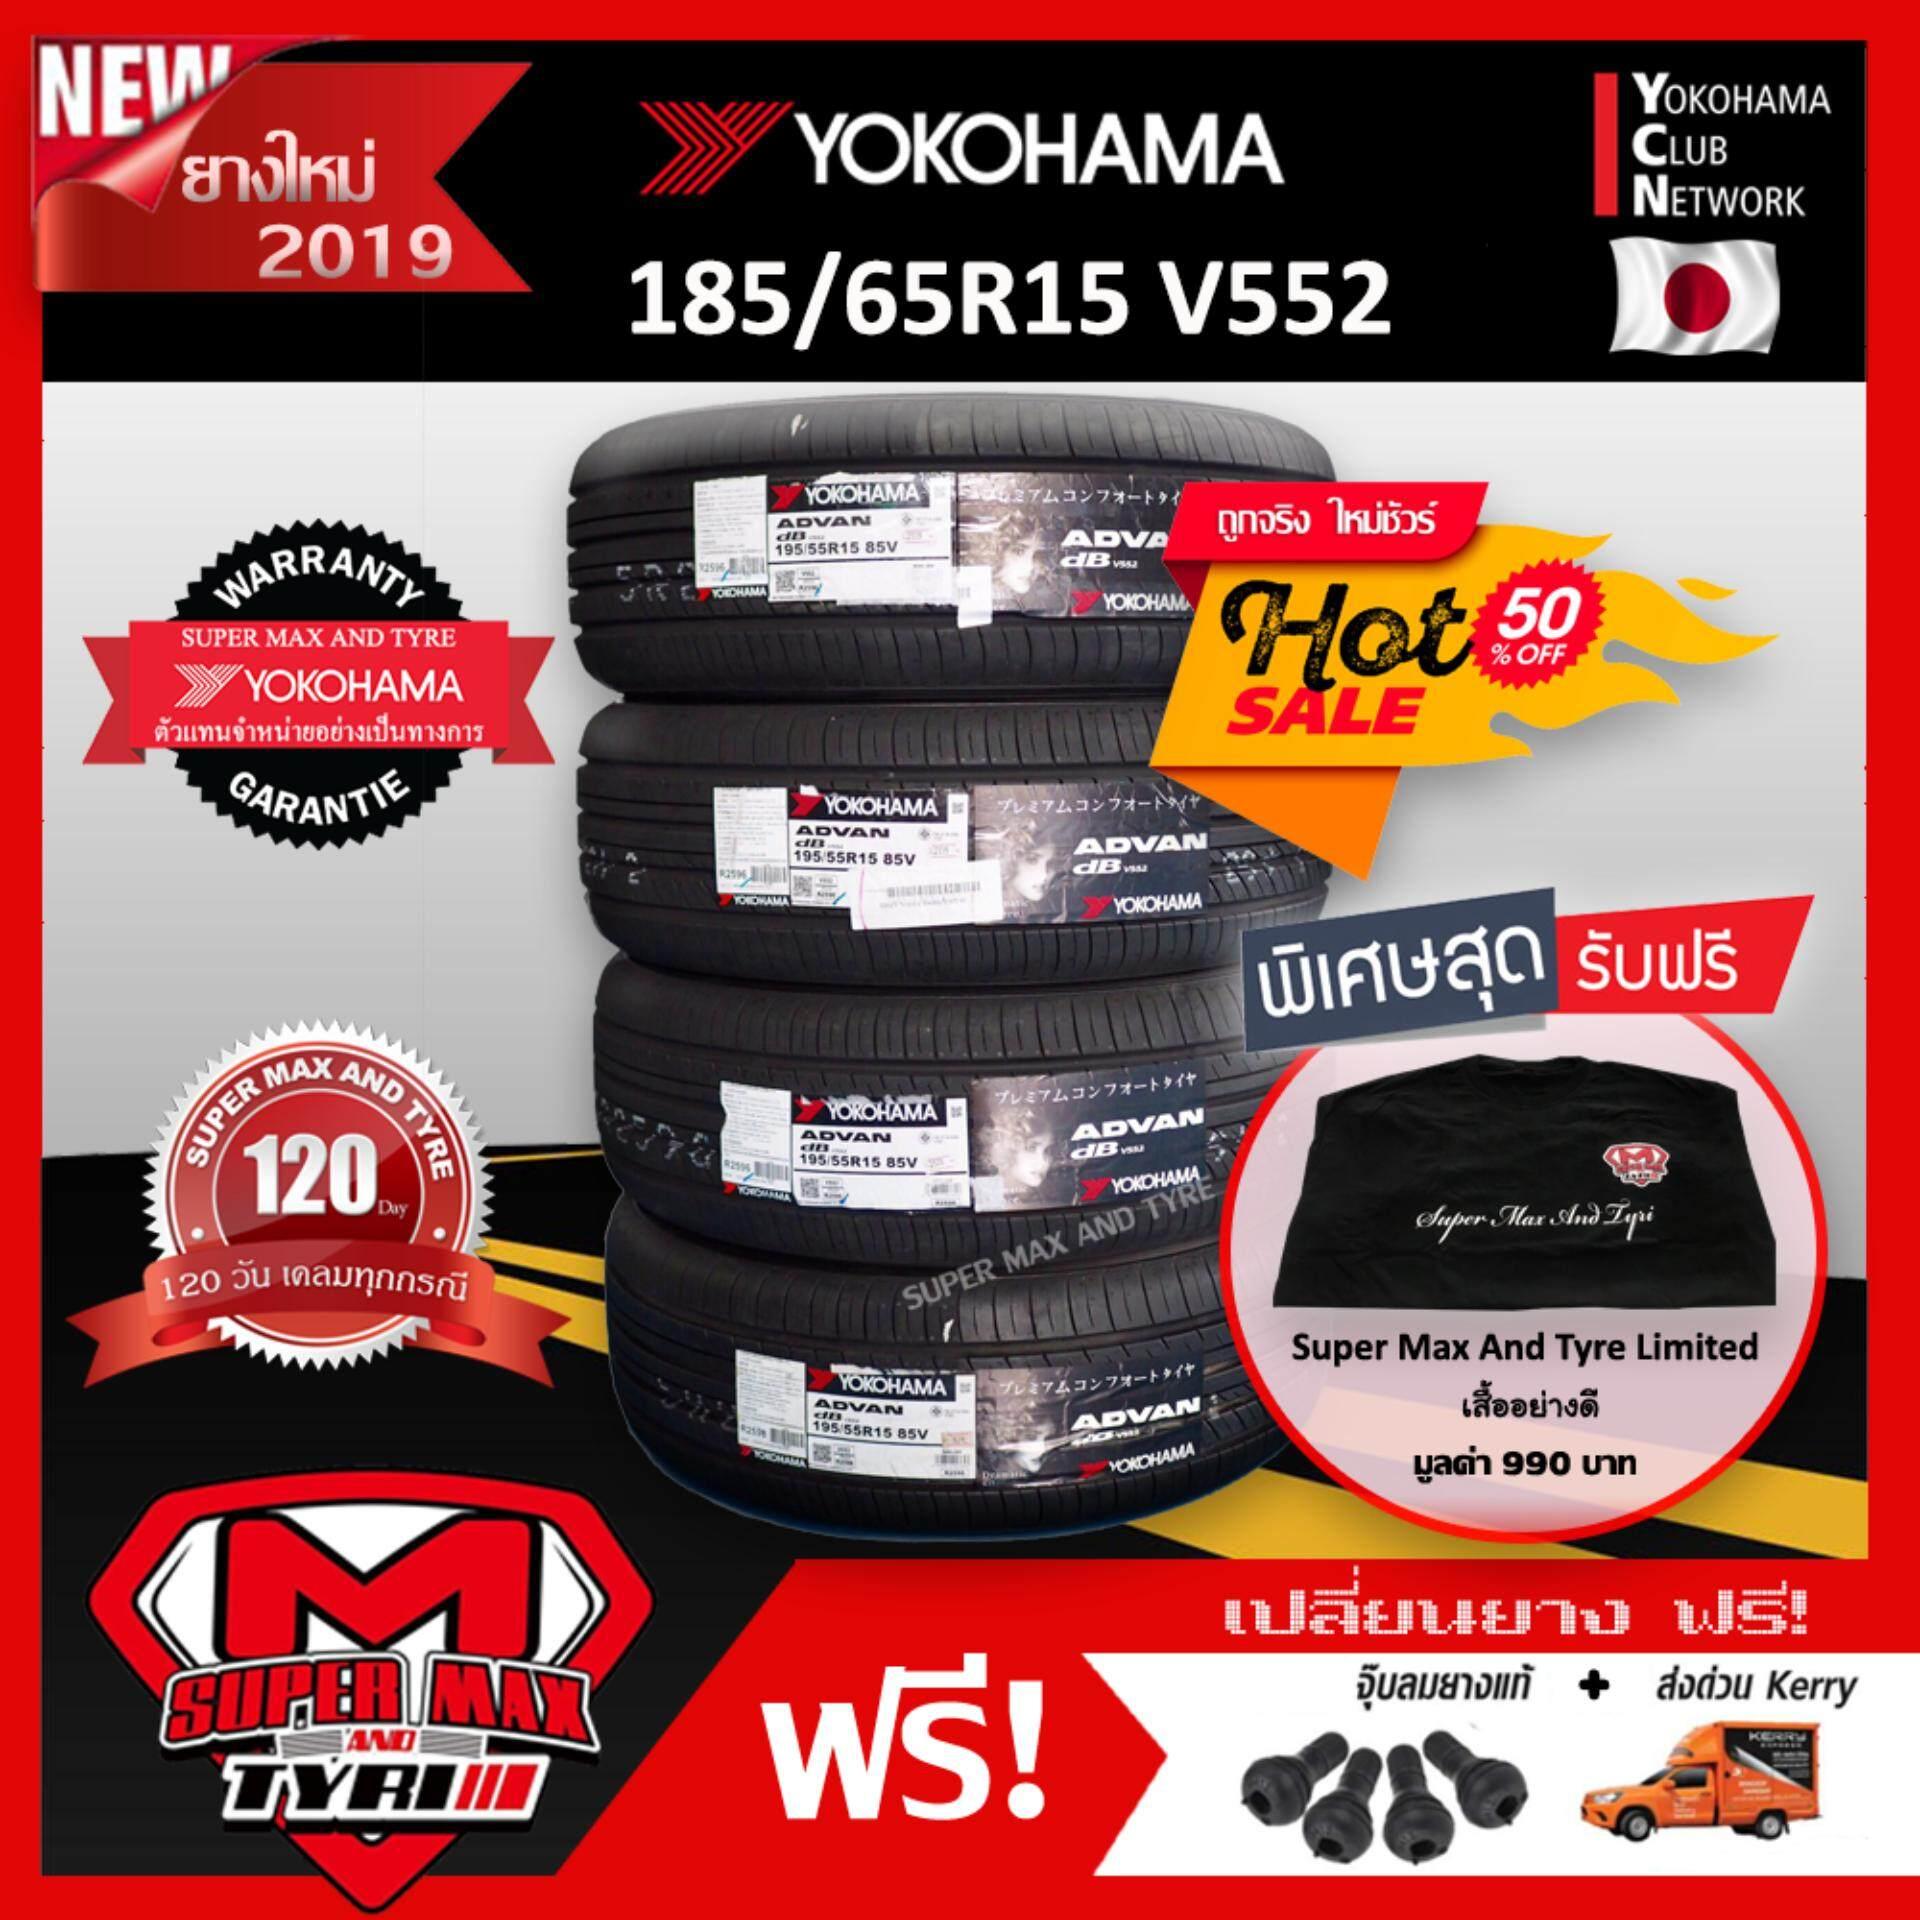 อุตรดิตถ์ [จัดส่งฟรี] ยางนอก 4 เส้นราคาสุดคุ้ม Yokohama 185/65 R15 (ขอบ15) ยางรถยนต์ รุ่น ADVAN DB V552 (Made in Japan) ยางใหม่ 2019 จำนวน 4 เส้น